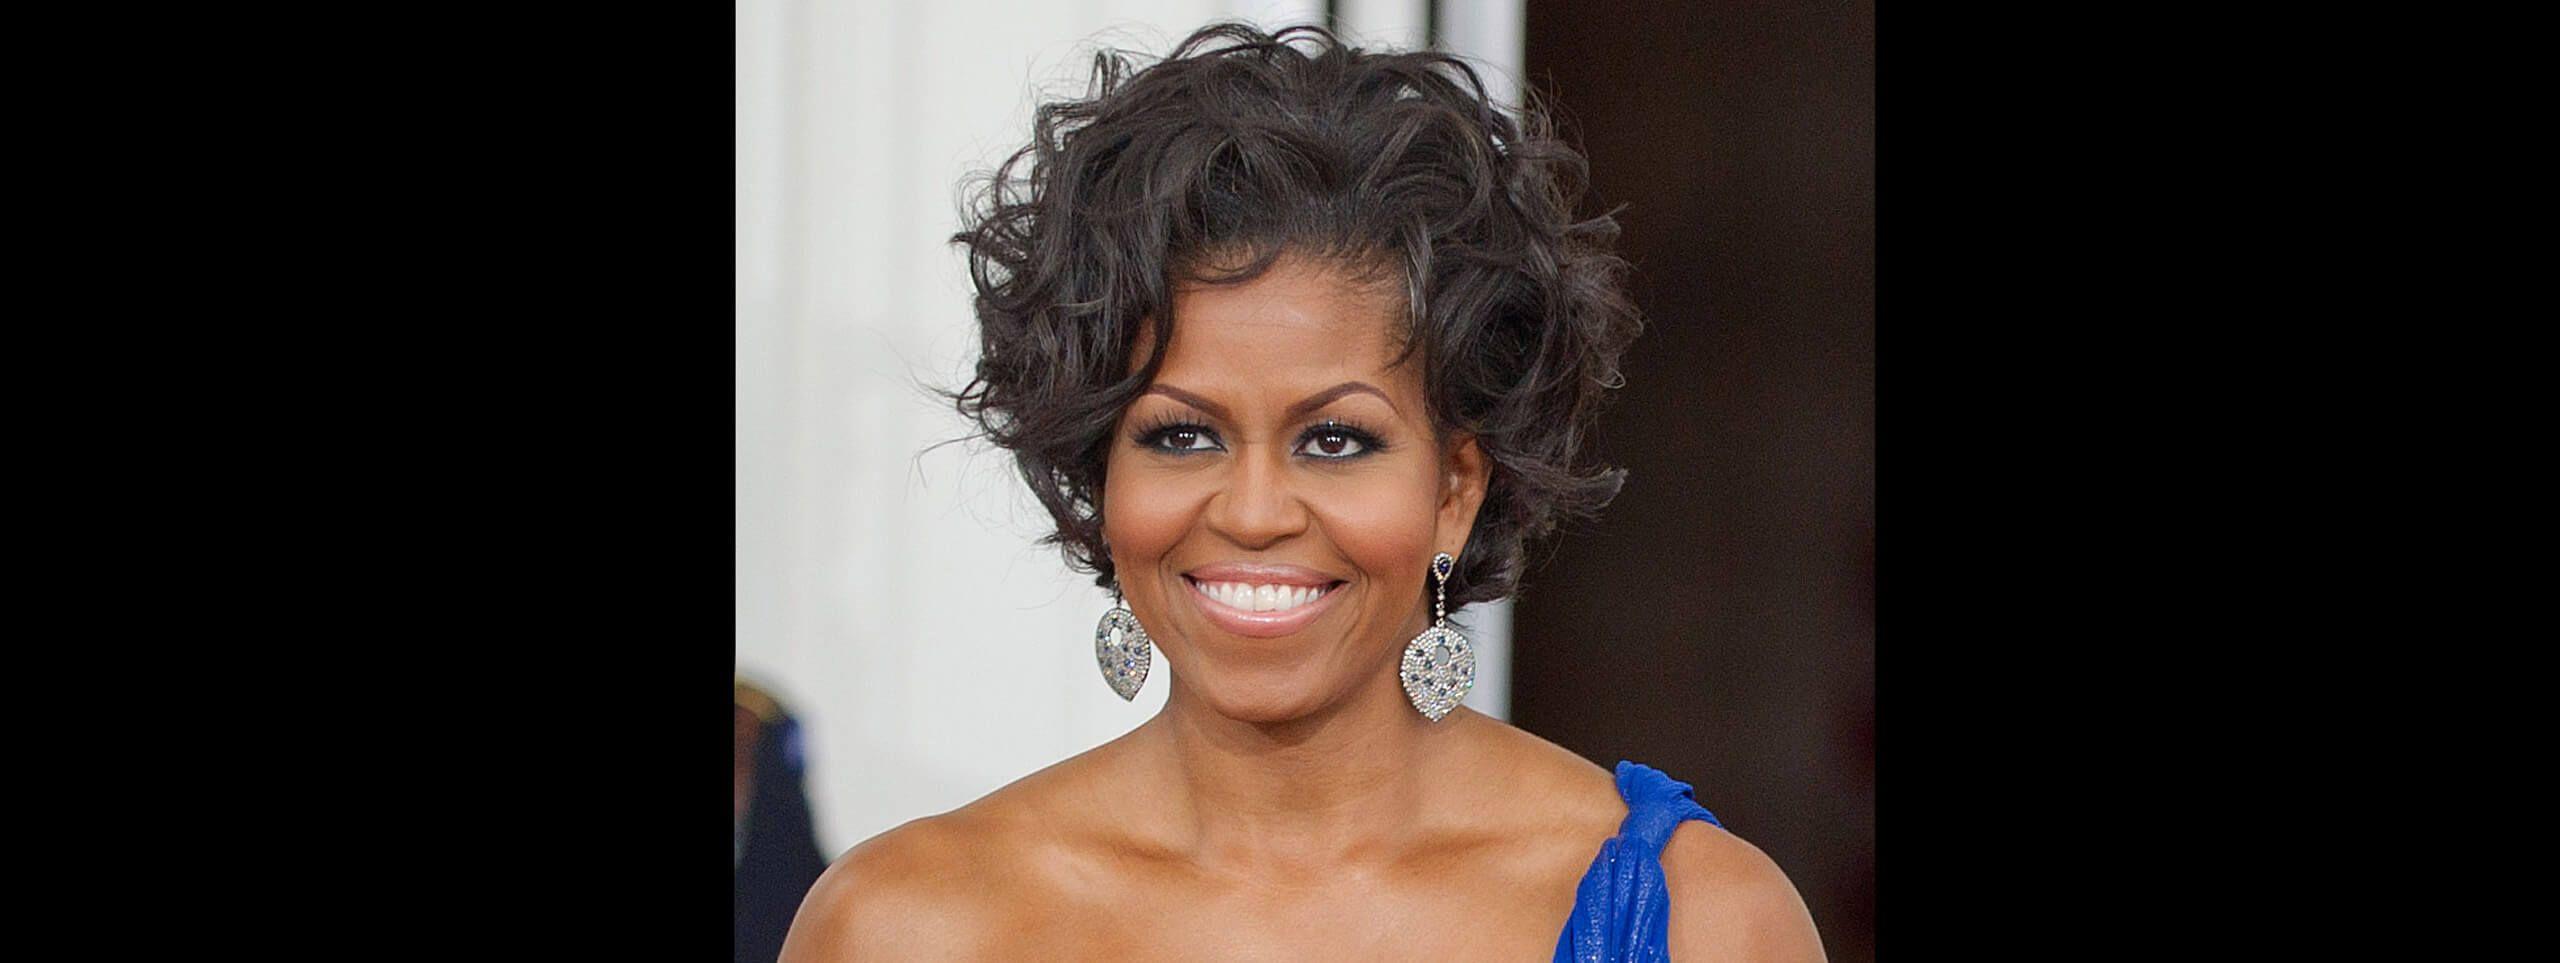 Michelle Obama z kręconymi włosami